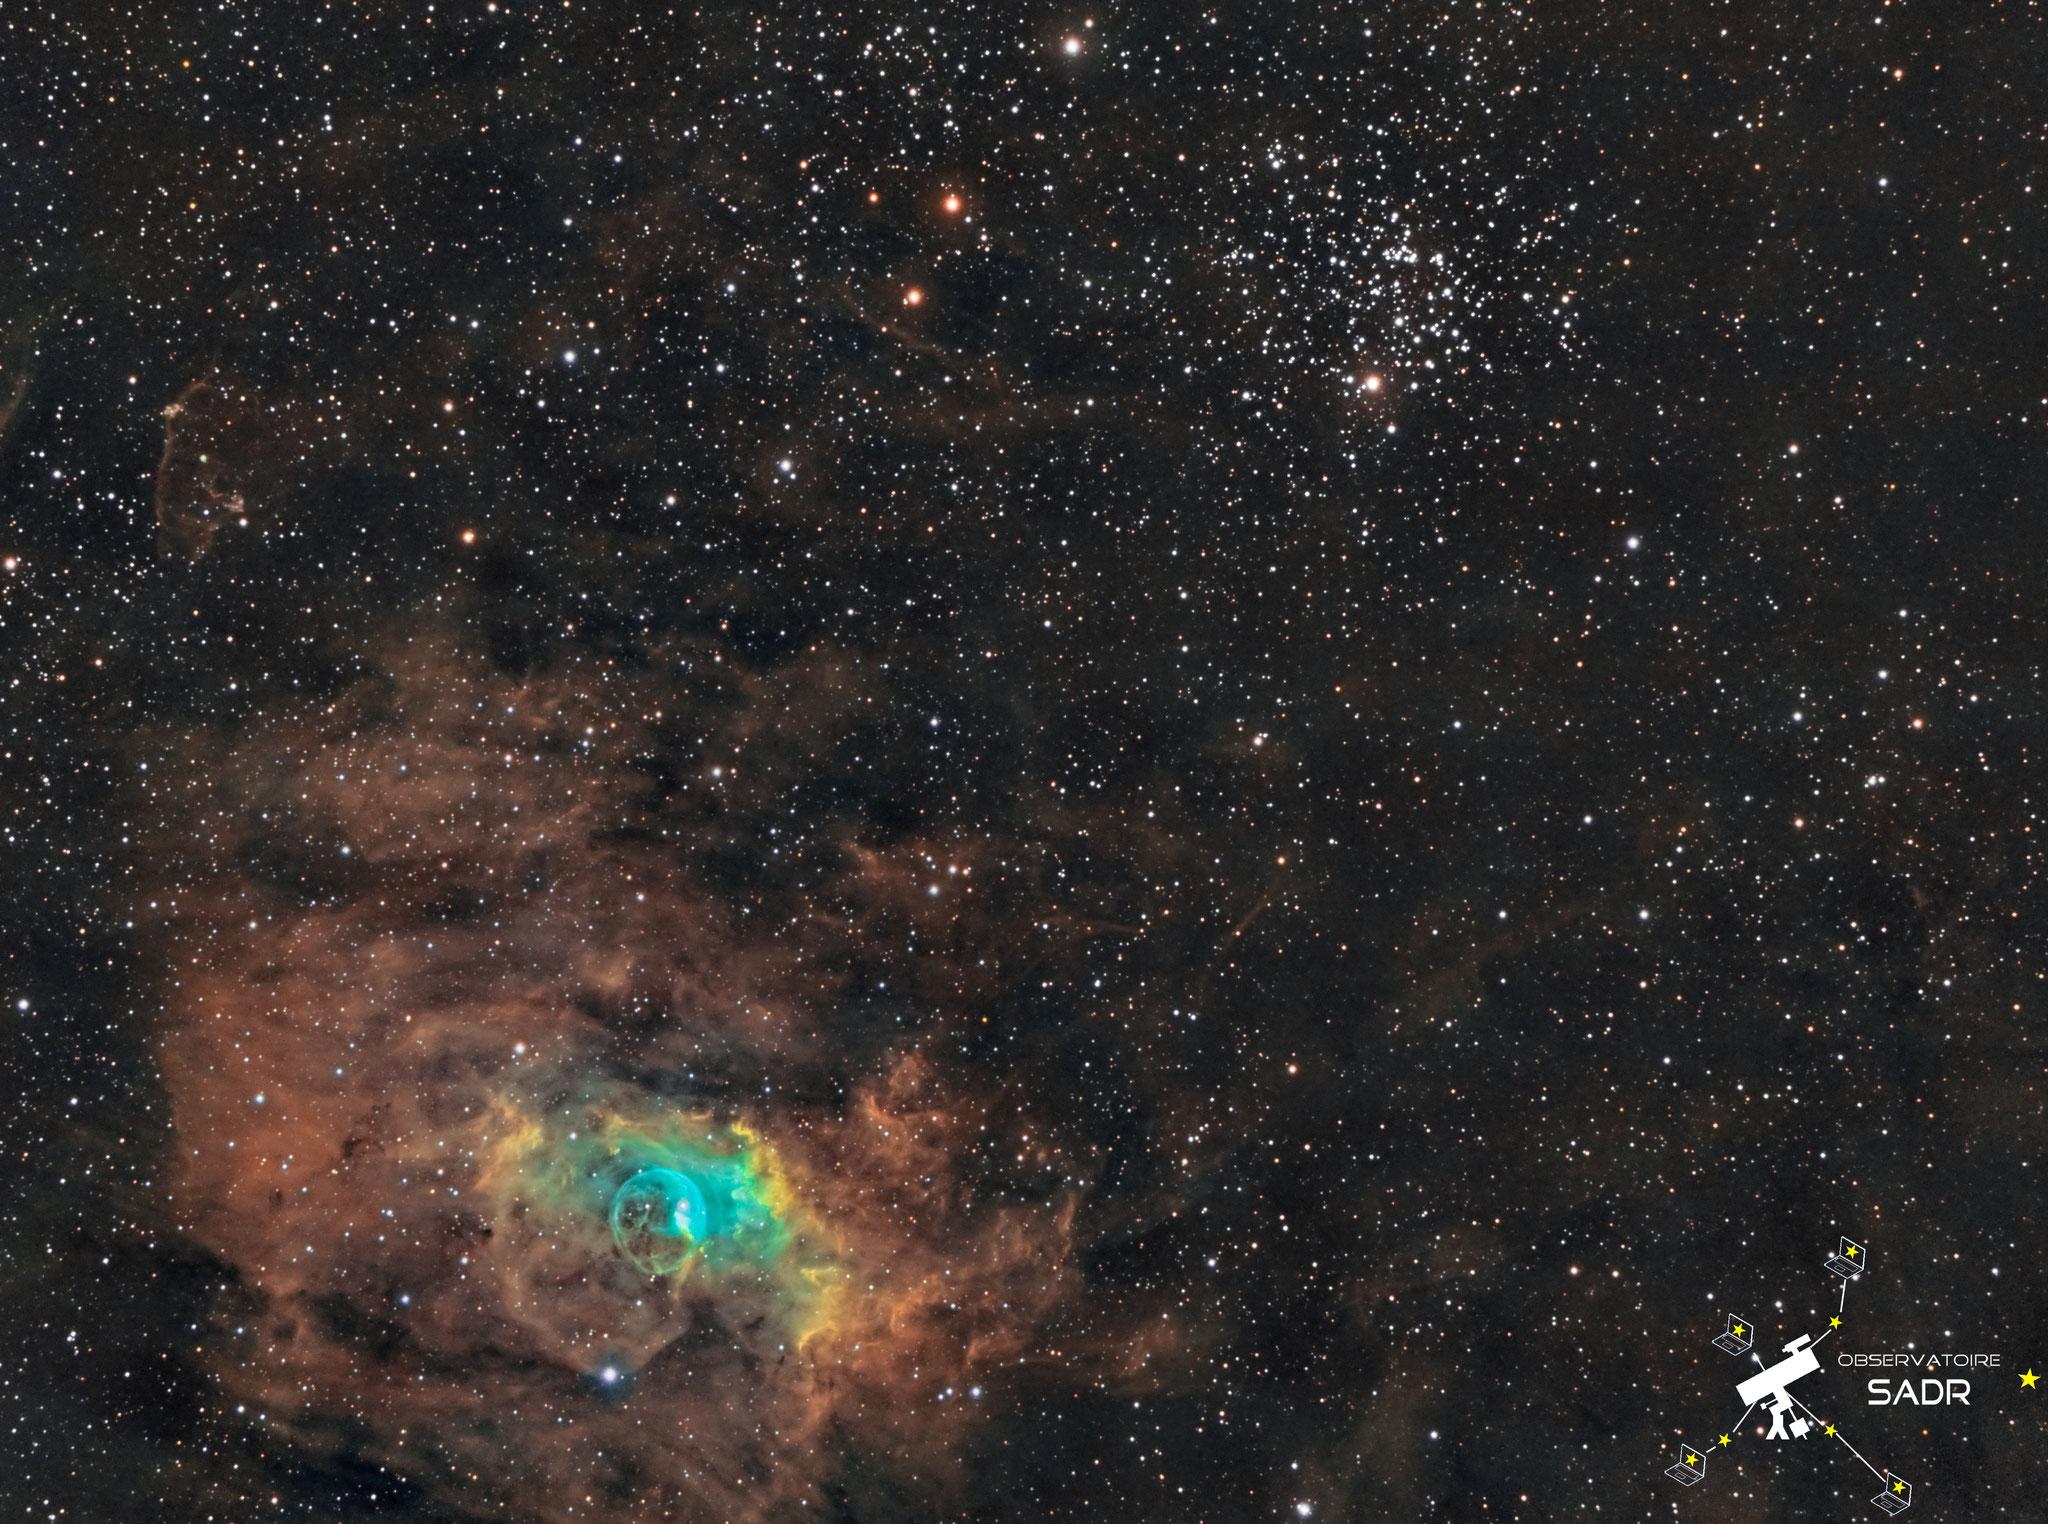 M52 et NGC7635, la nébuleuse de la Bulle, Jean-Paul et Julien, Sadr Espagne